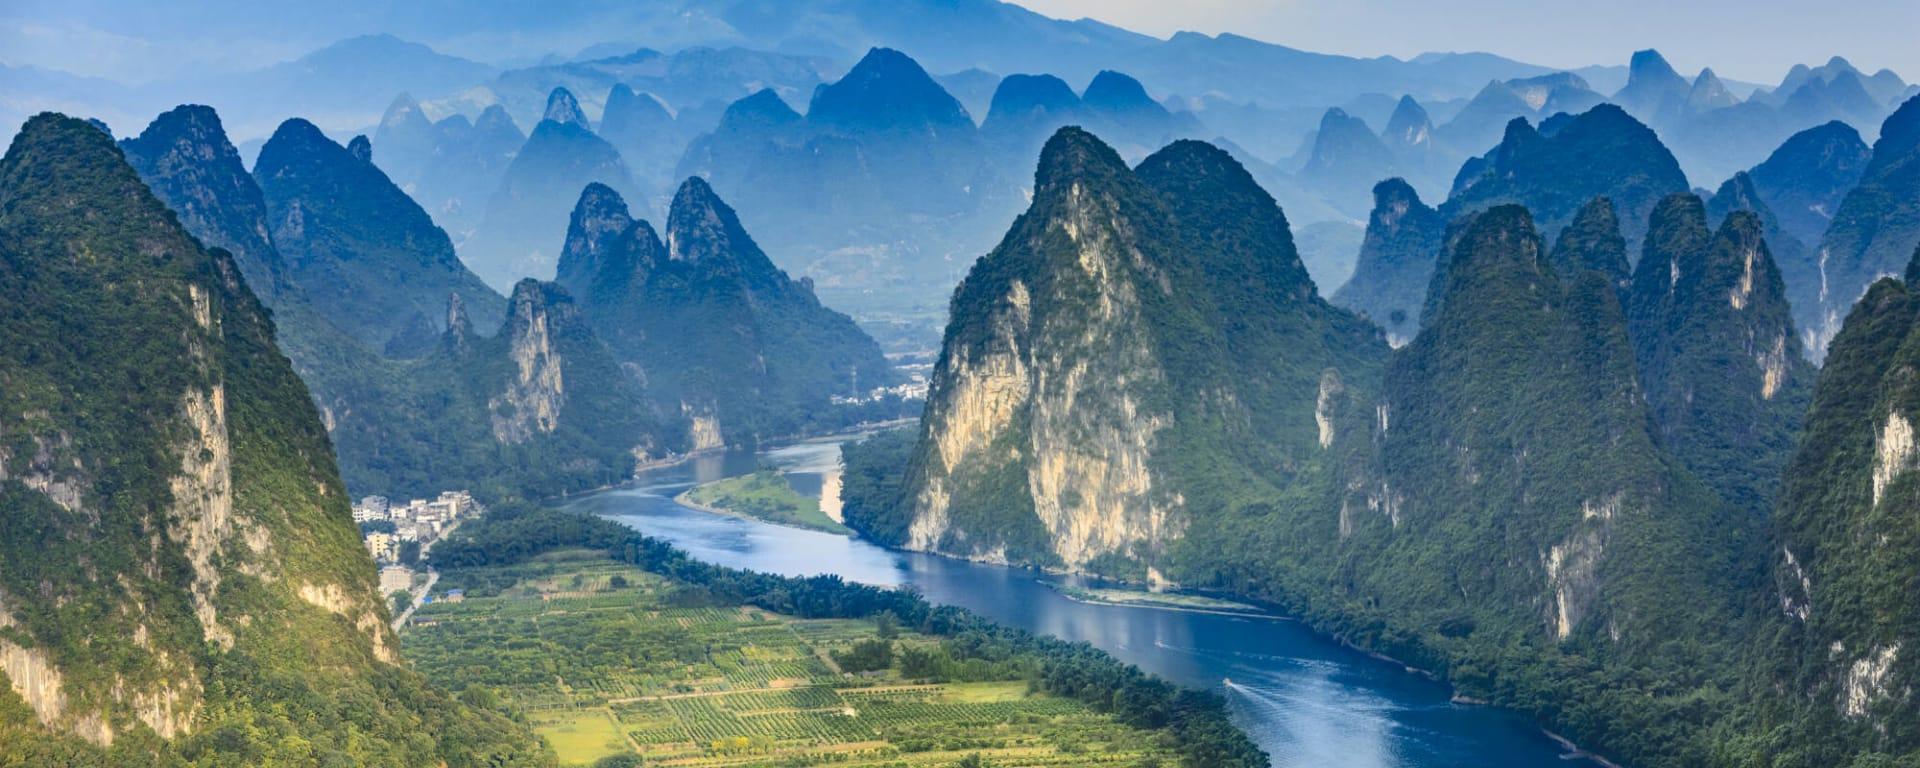 China entdecken mit Tischler Reisen: China Guilin Li Fluss